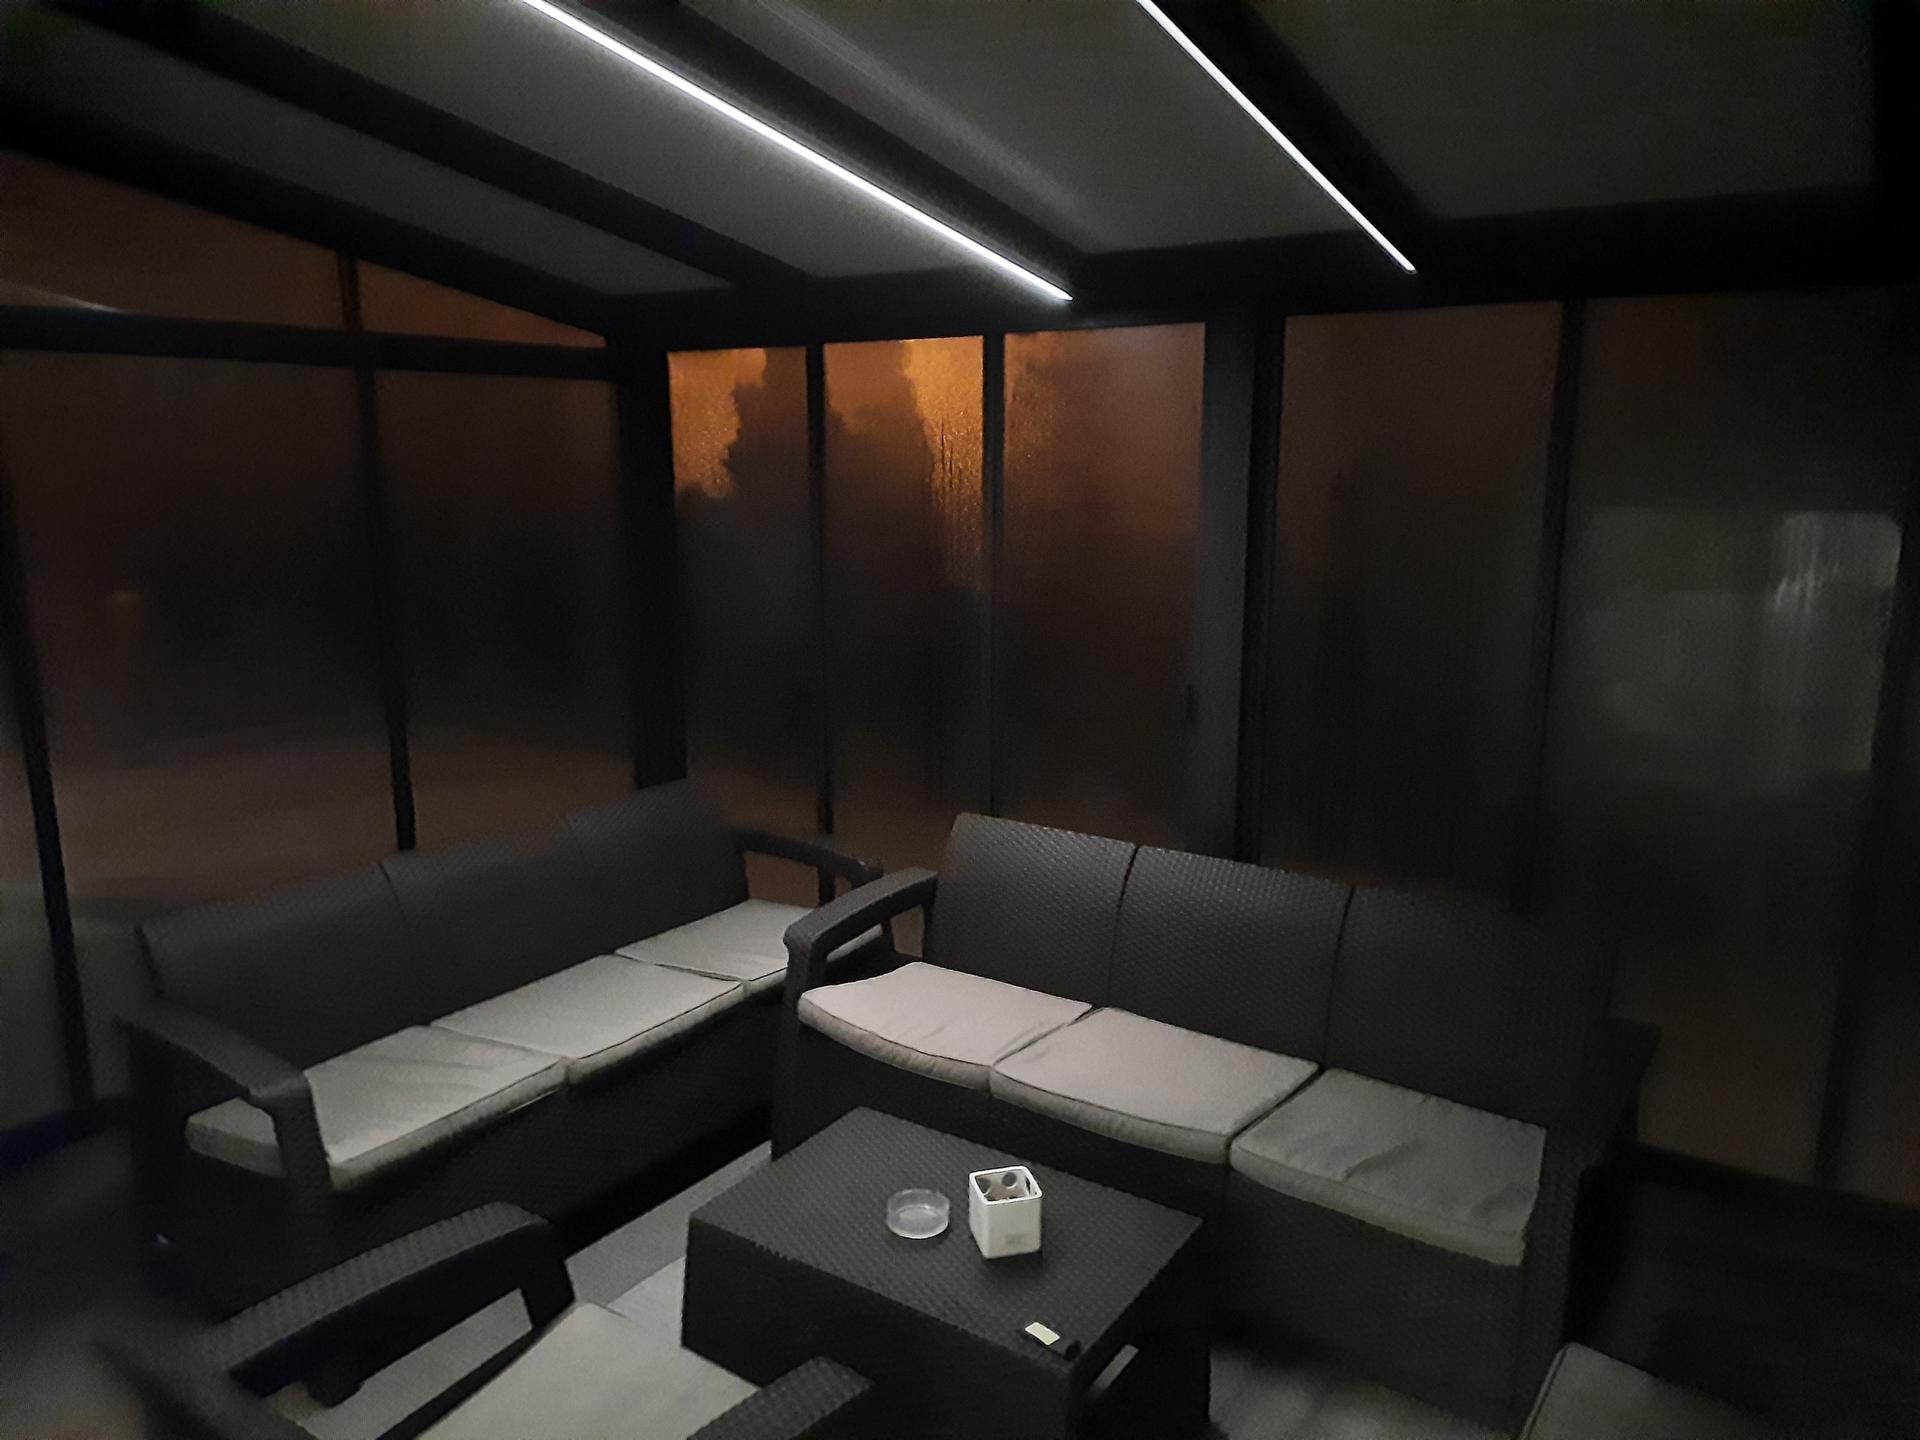 Moderný dizajn vašej terasy vyžaduje aj štýlové Led osvetlenie... V tomto prípade aj s regulovateľným stmievaním oboch Led pásov. - Obrázok č. 2